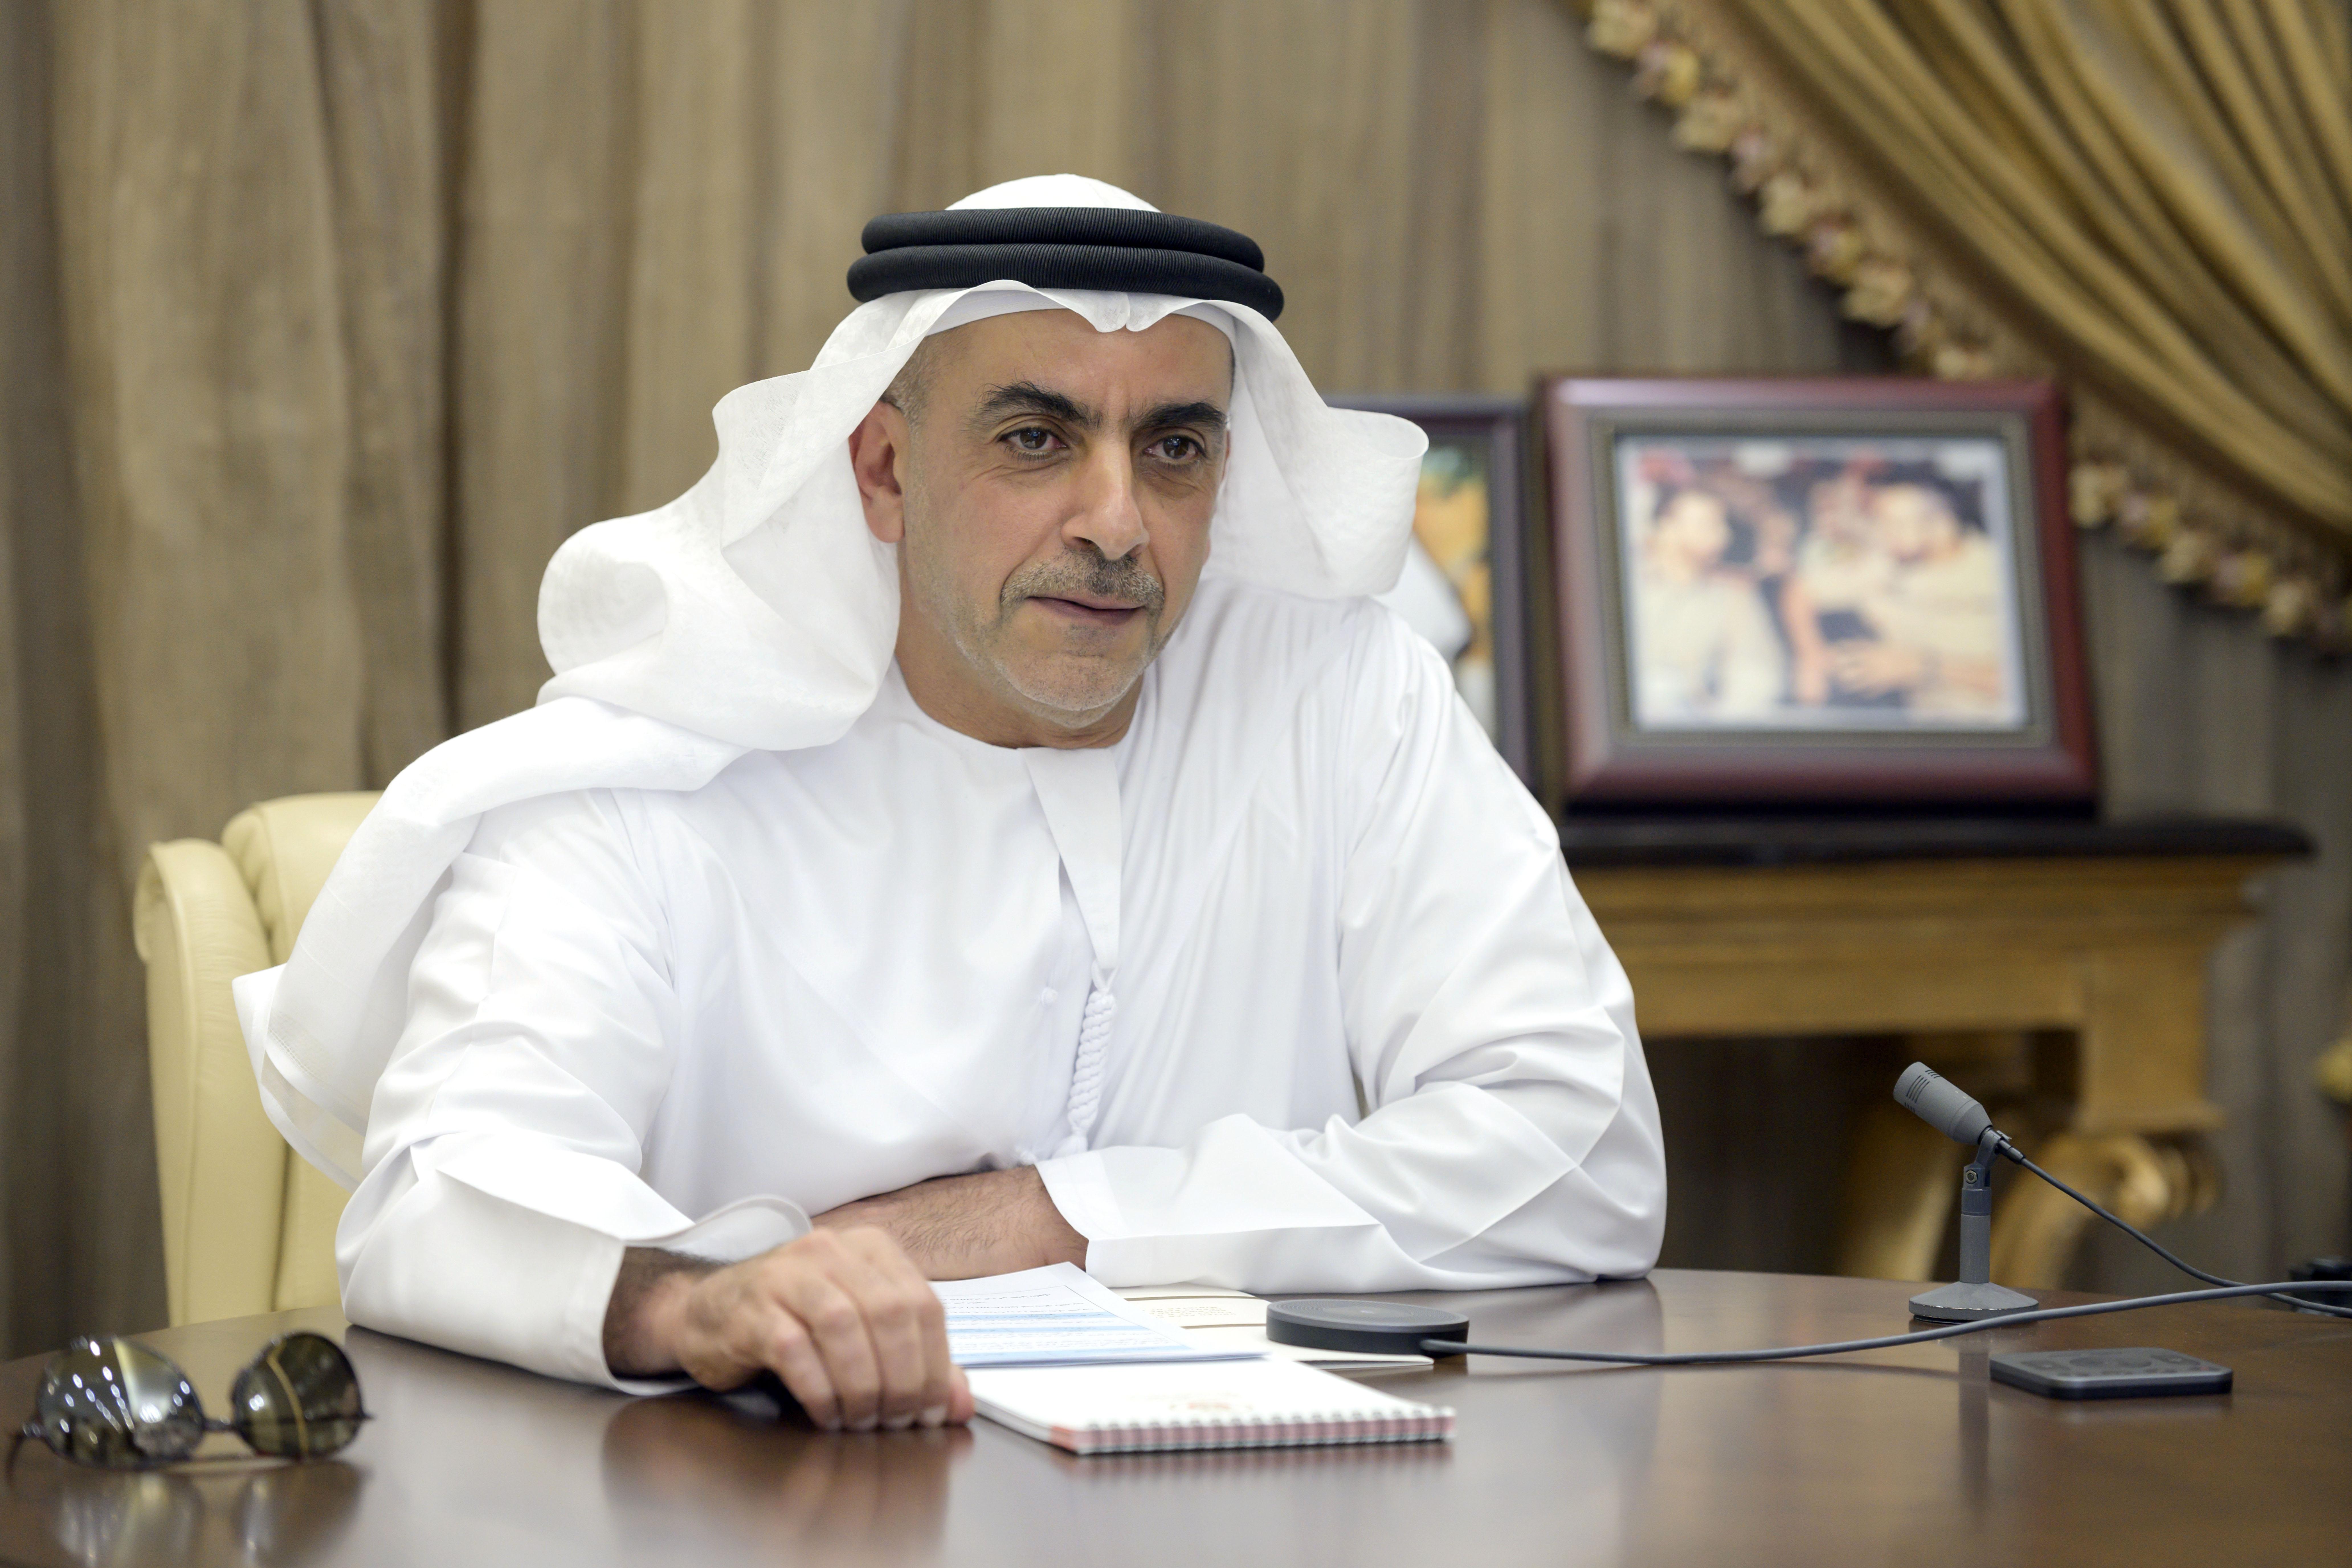 محمد بن راشد: عملت الحكومة بكفاءة عالية خلال الأشهر الماضية عن بعد ولم تتوقف واليوم تستكمل أعمالها من الميدان